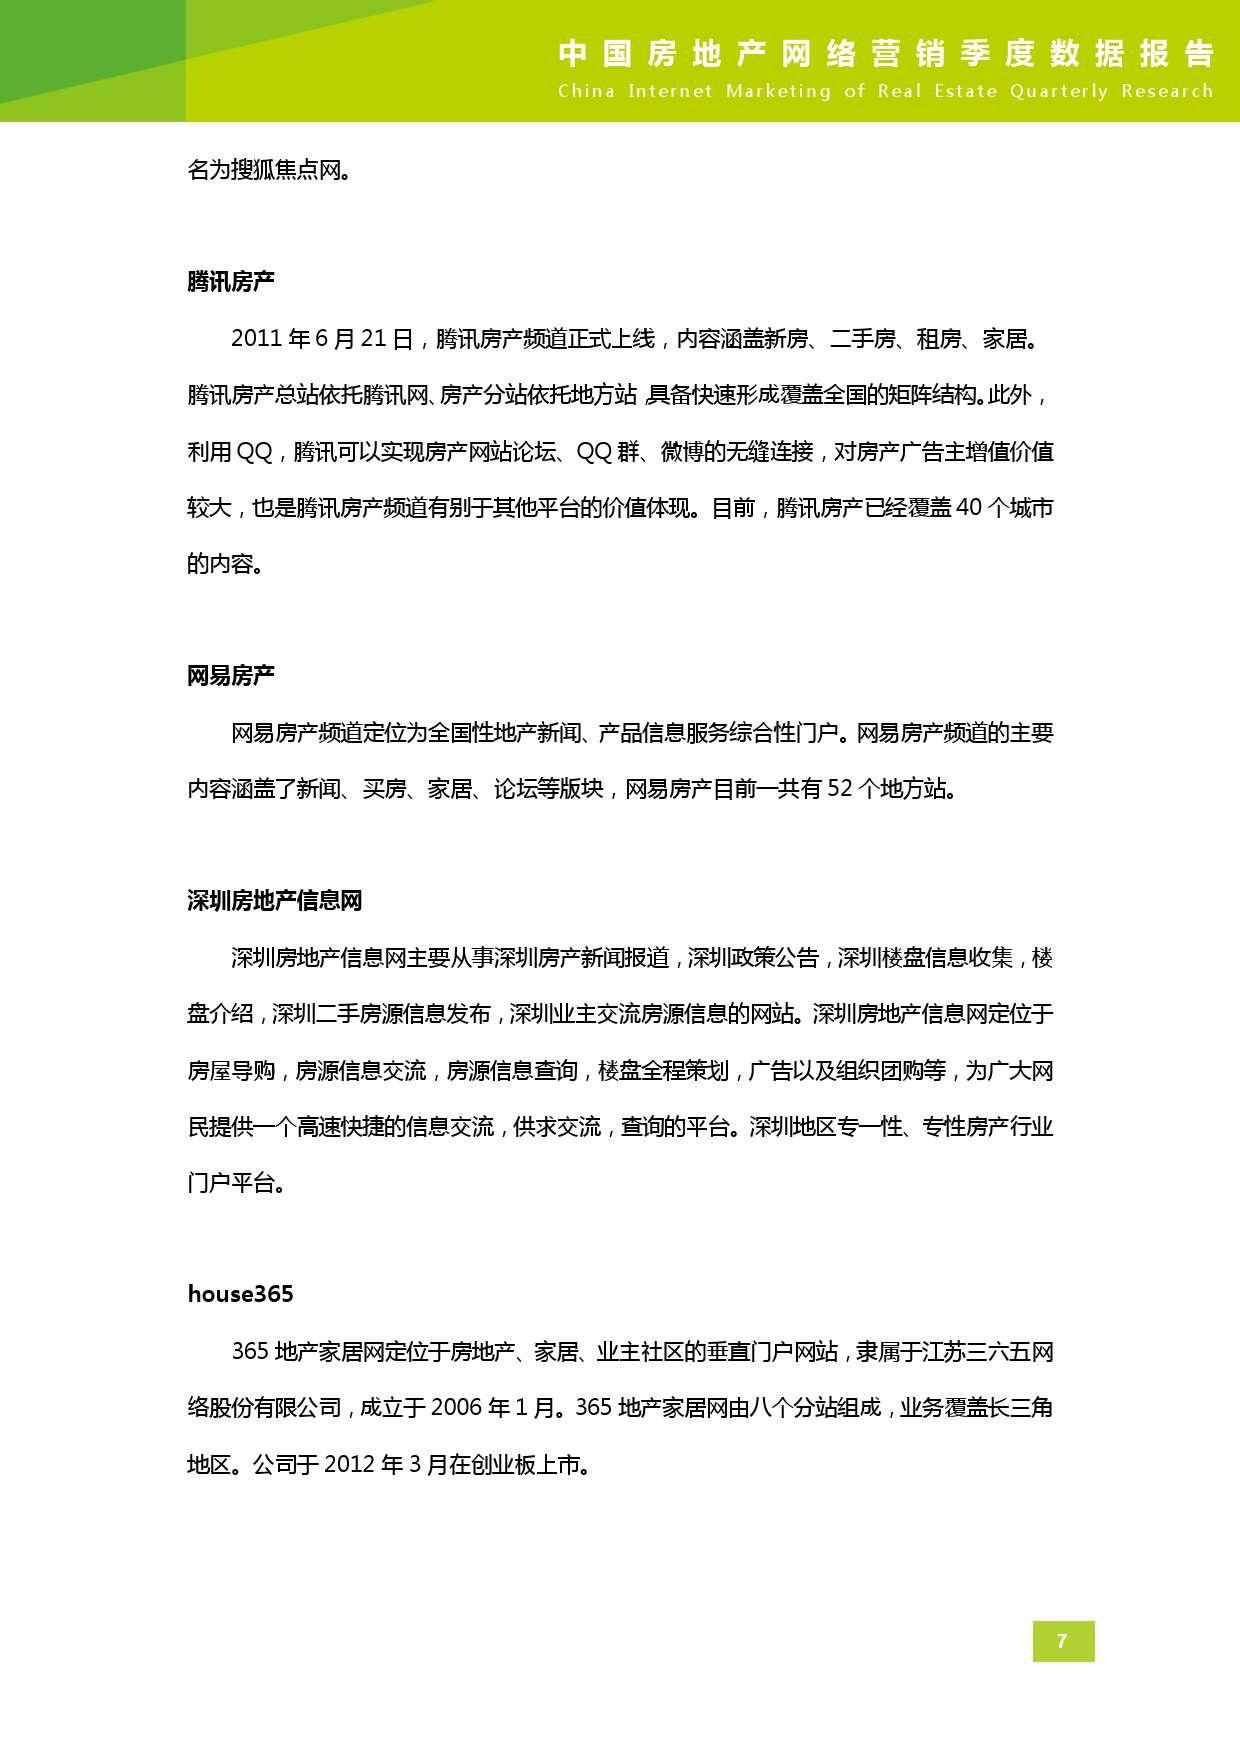 2015年Q3中国房地产网络营销季度数据报告_000008